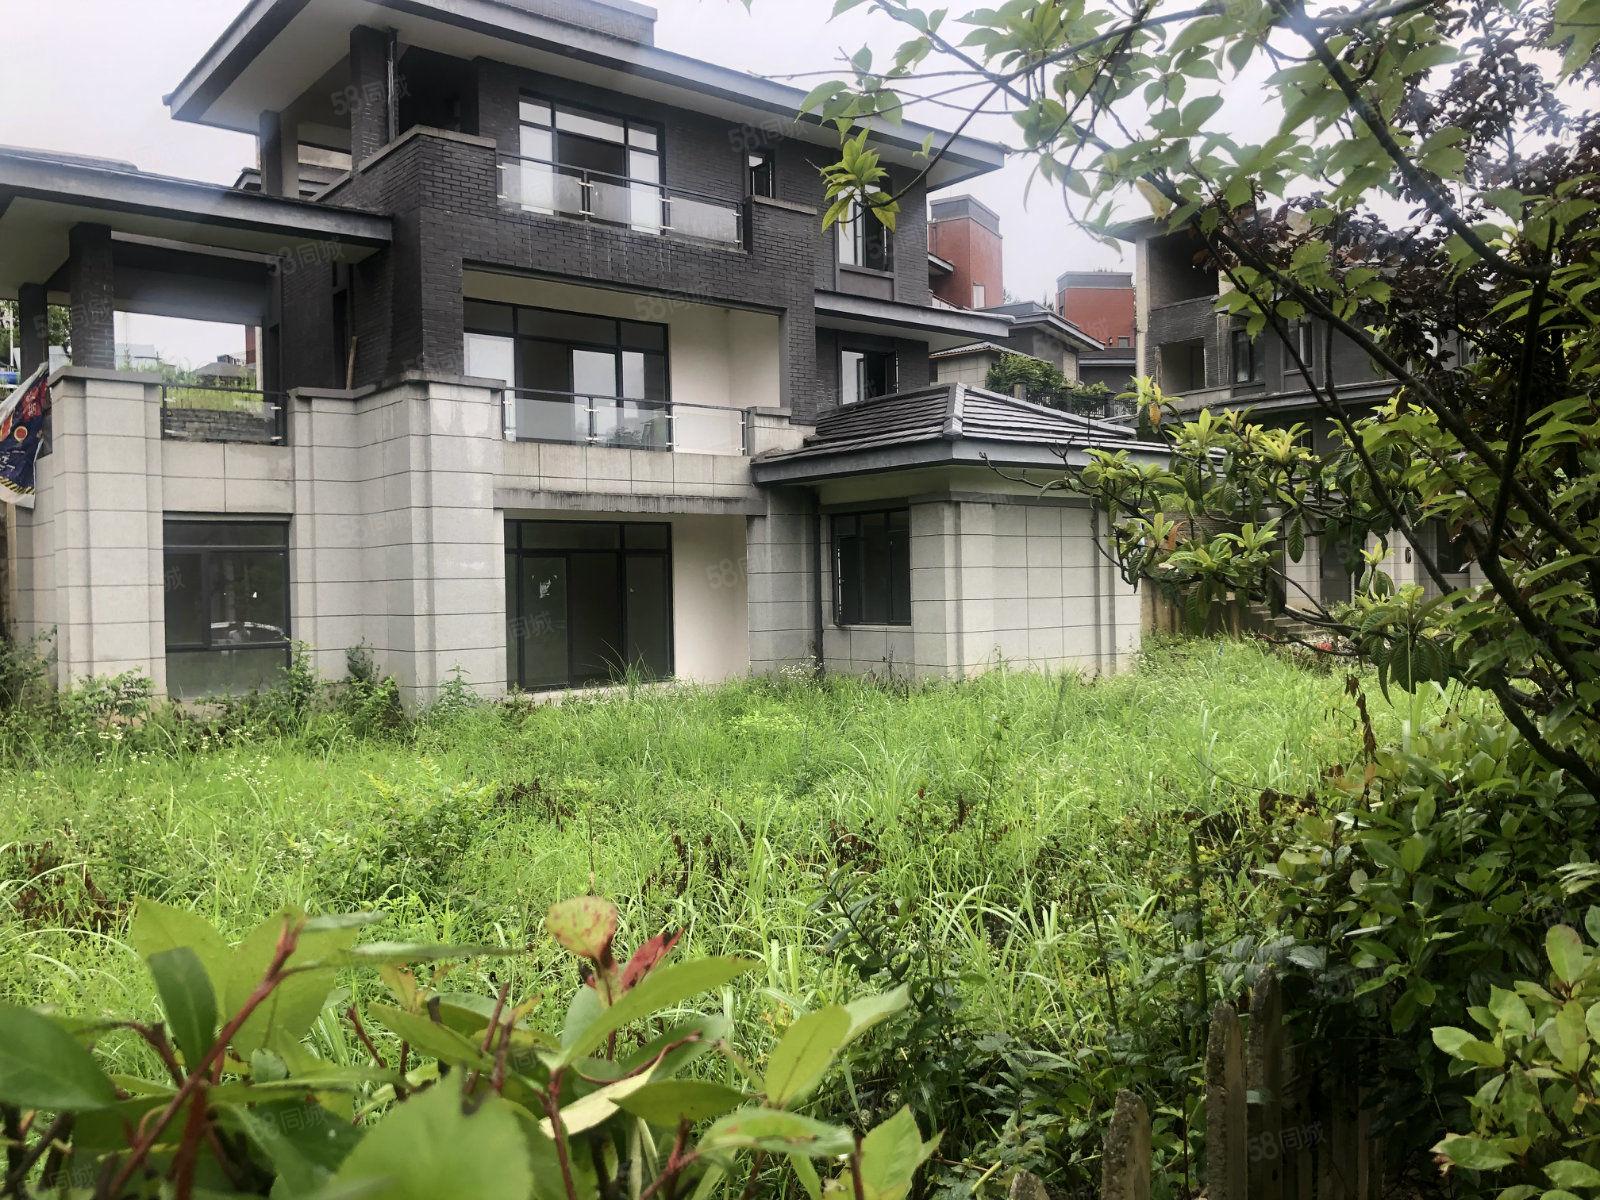 中鐵國際生態城白晶谷合院別墅花園400平產權在手車位入